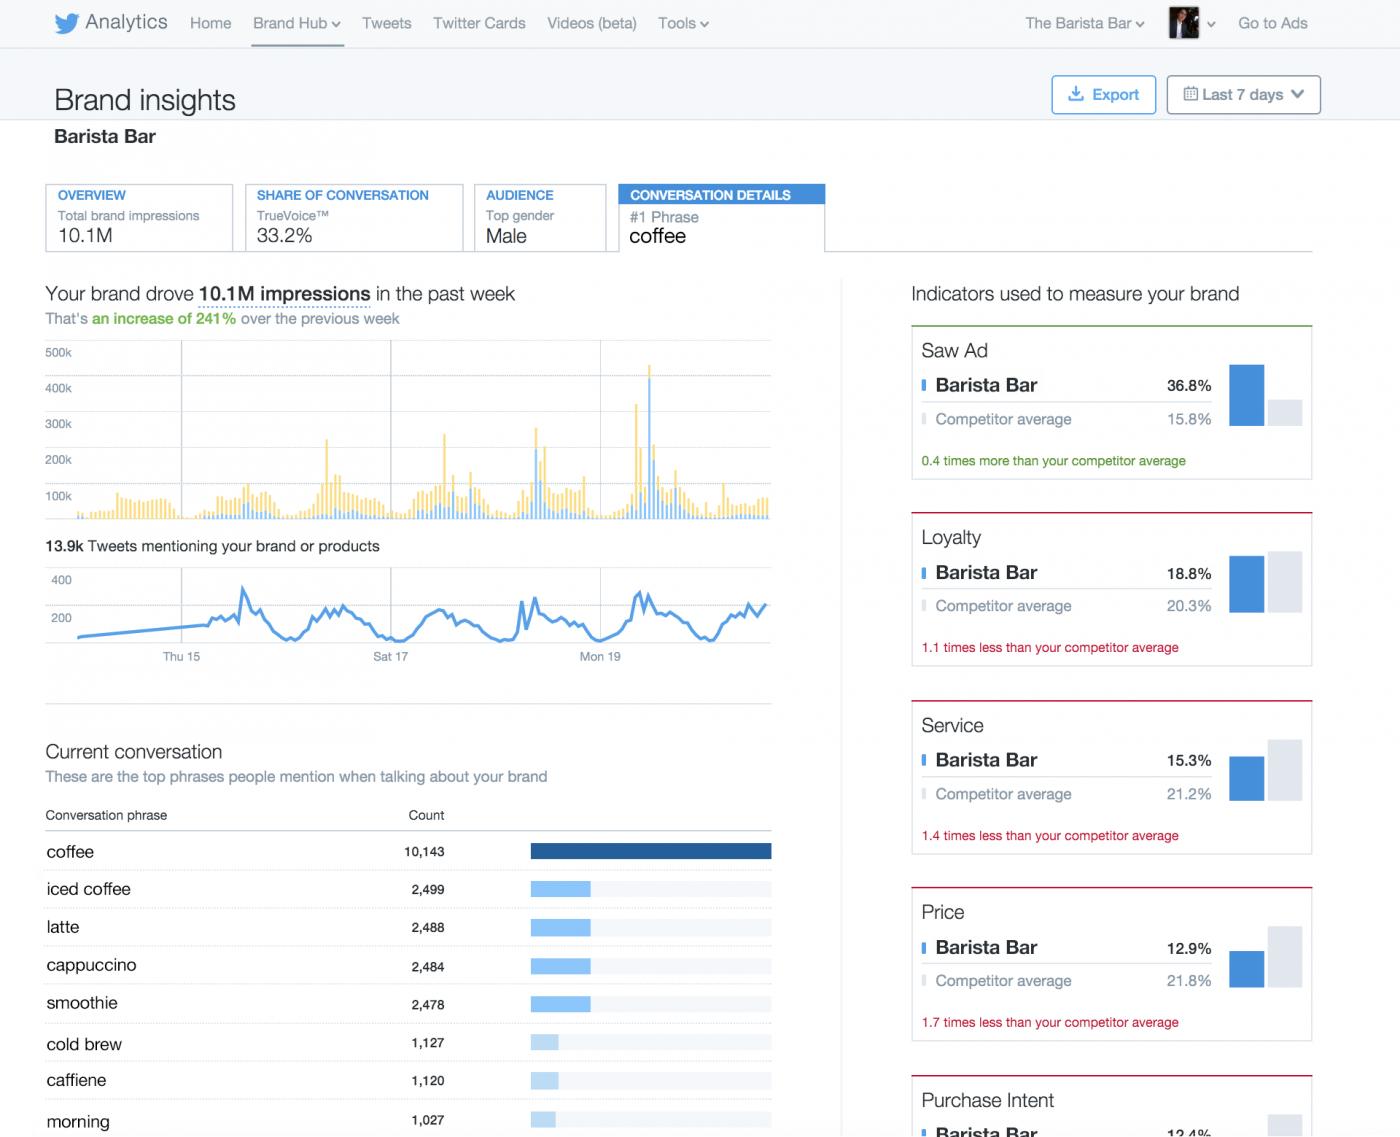 Twitter Brand Hub conversation details